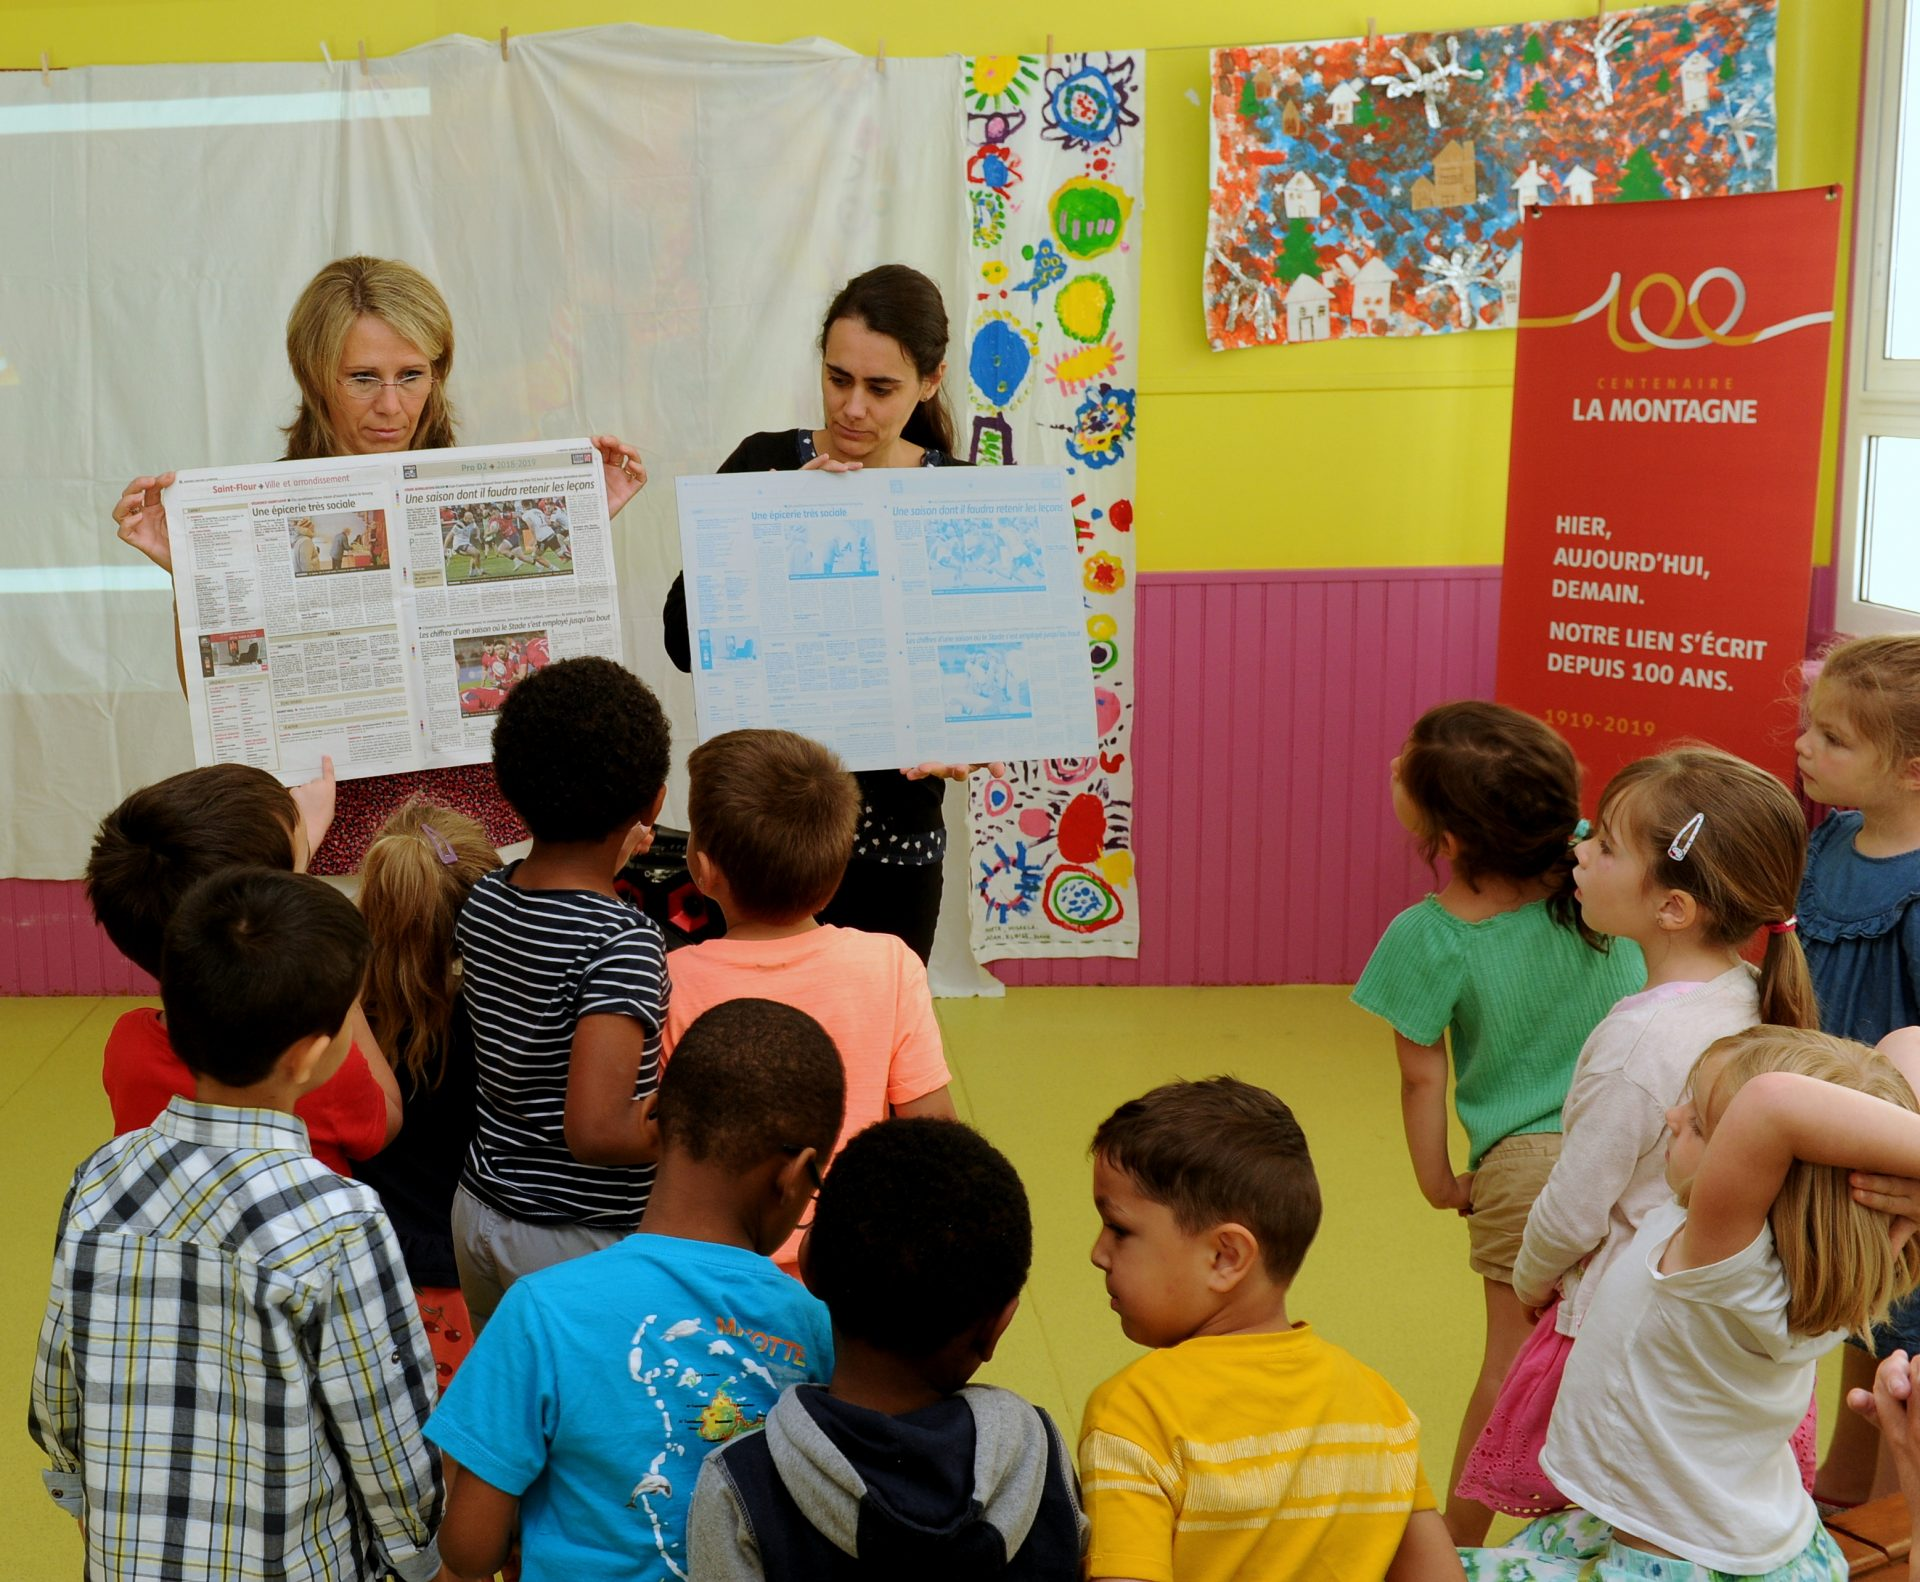 La fabrication du journal expliquée aux enfants par Annie Nicolas (La Montagne)